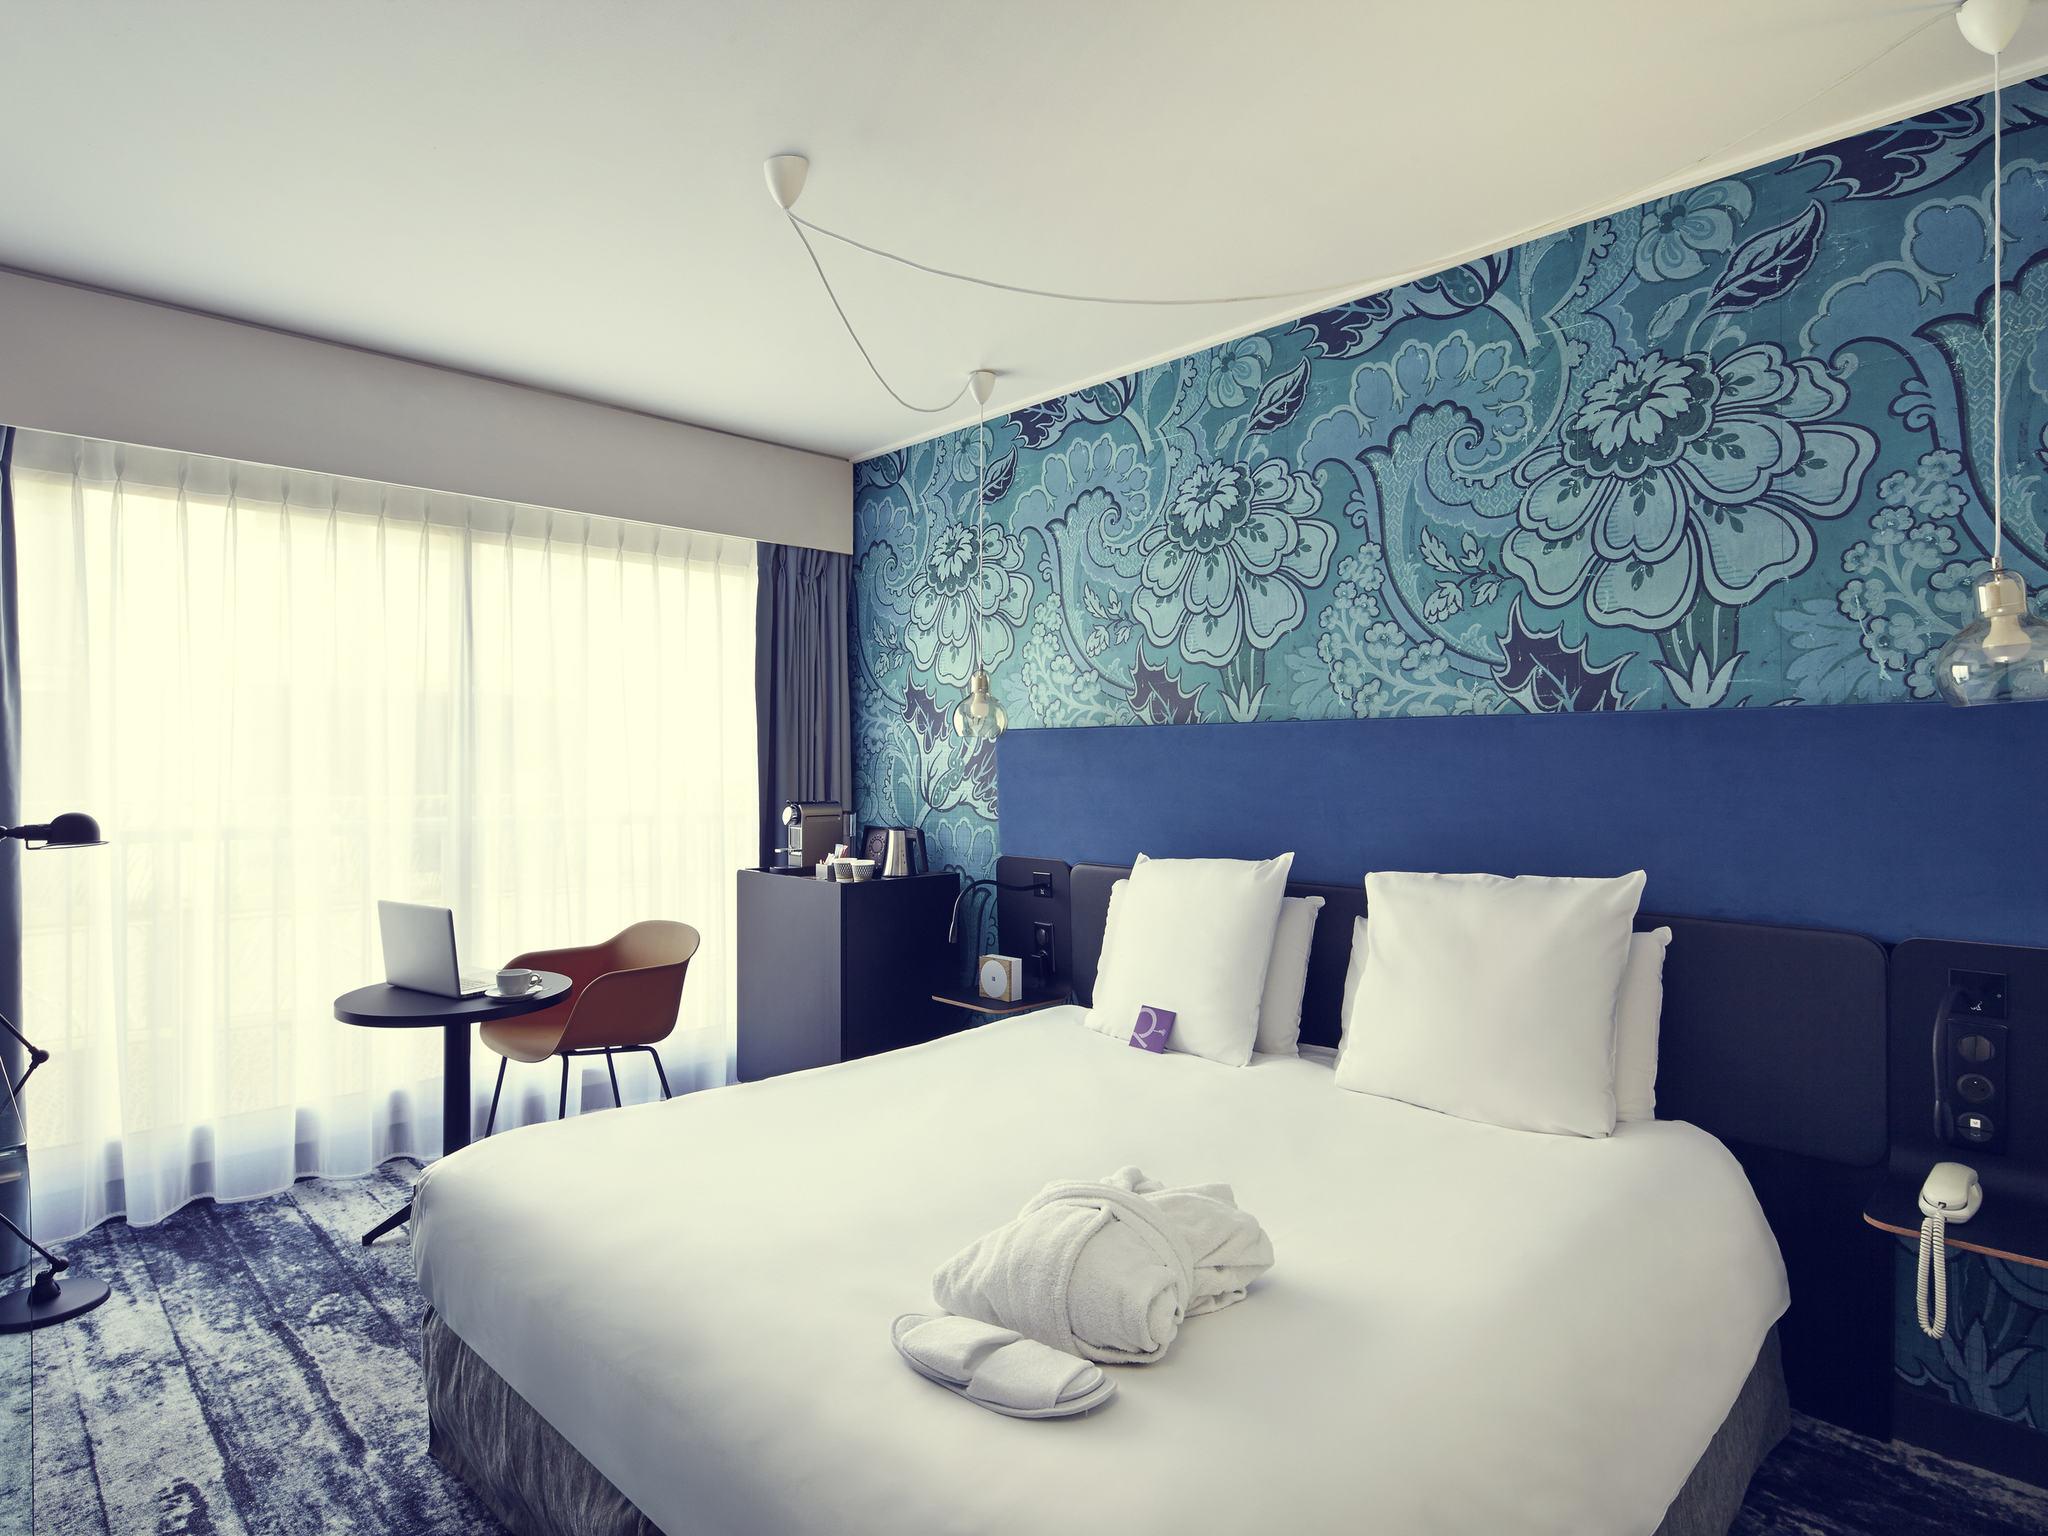 酒店 – 巴黎巴士底圣安东尼美居酒店